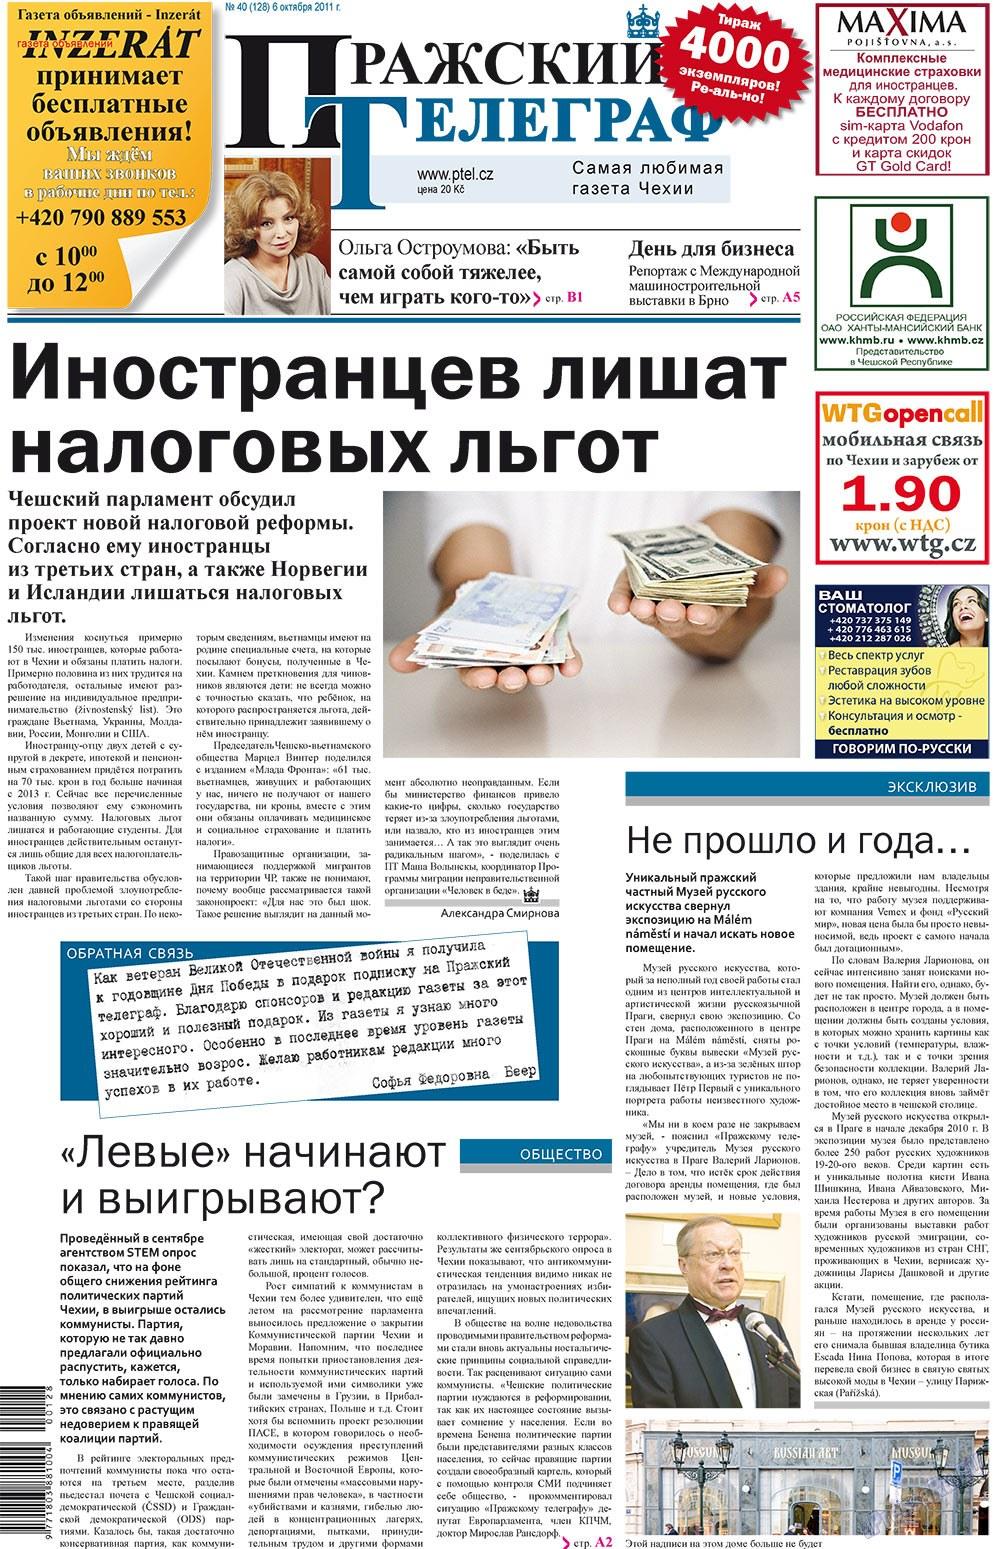 Пражский телеграф (газета). 2011 год, номер 40, стр. 1